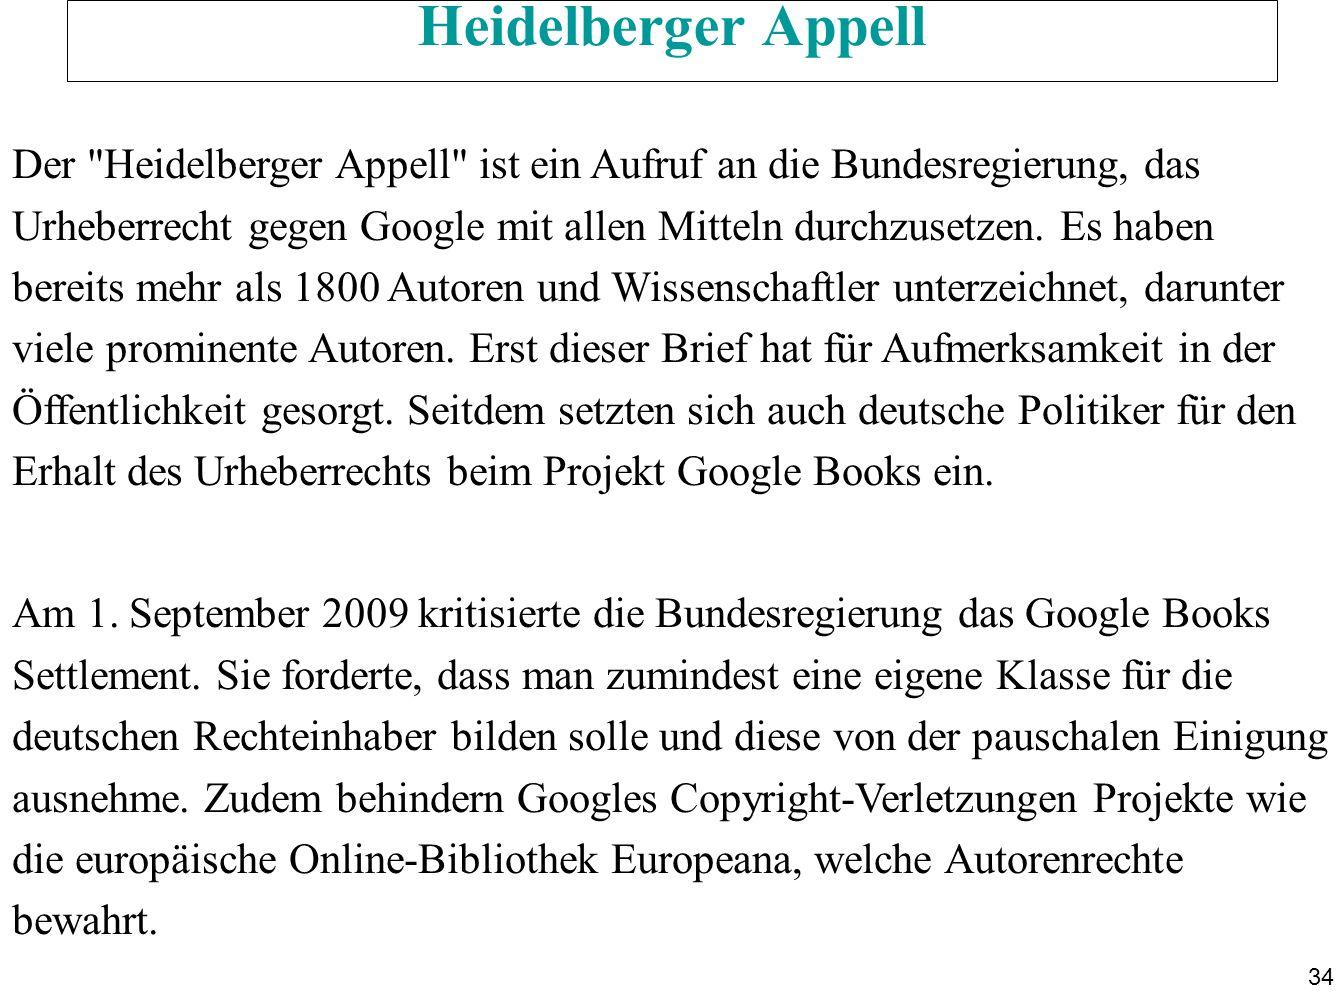 Heidelberger Appell